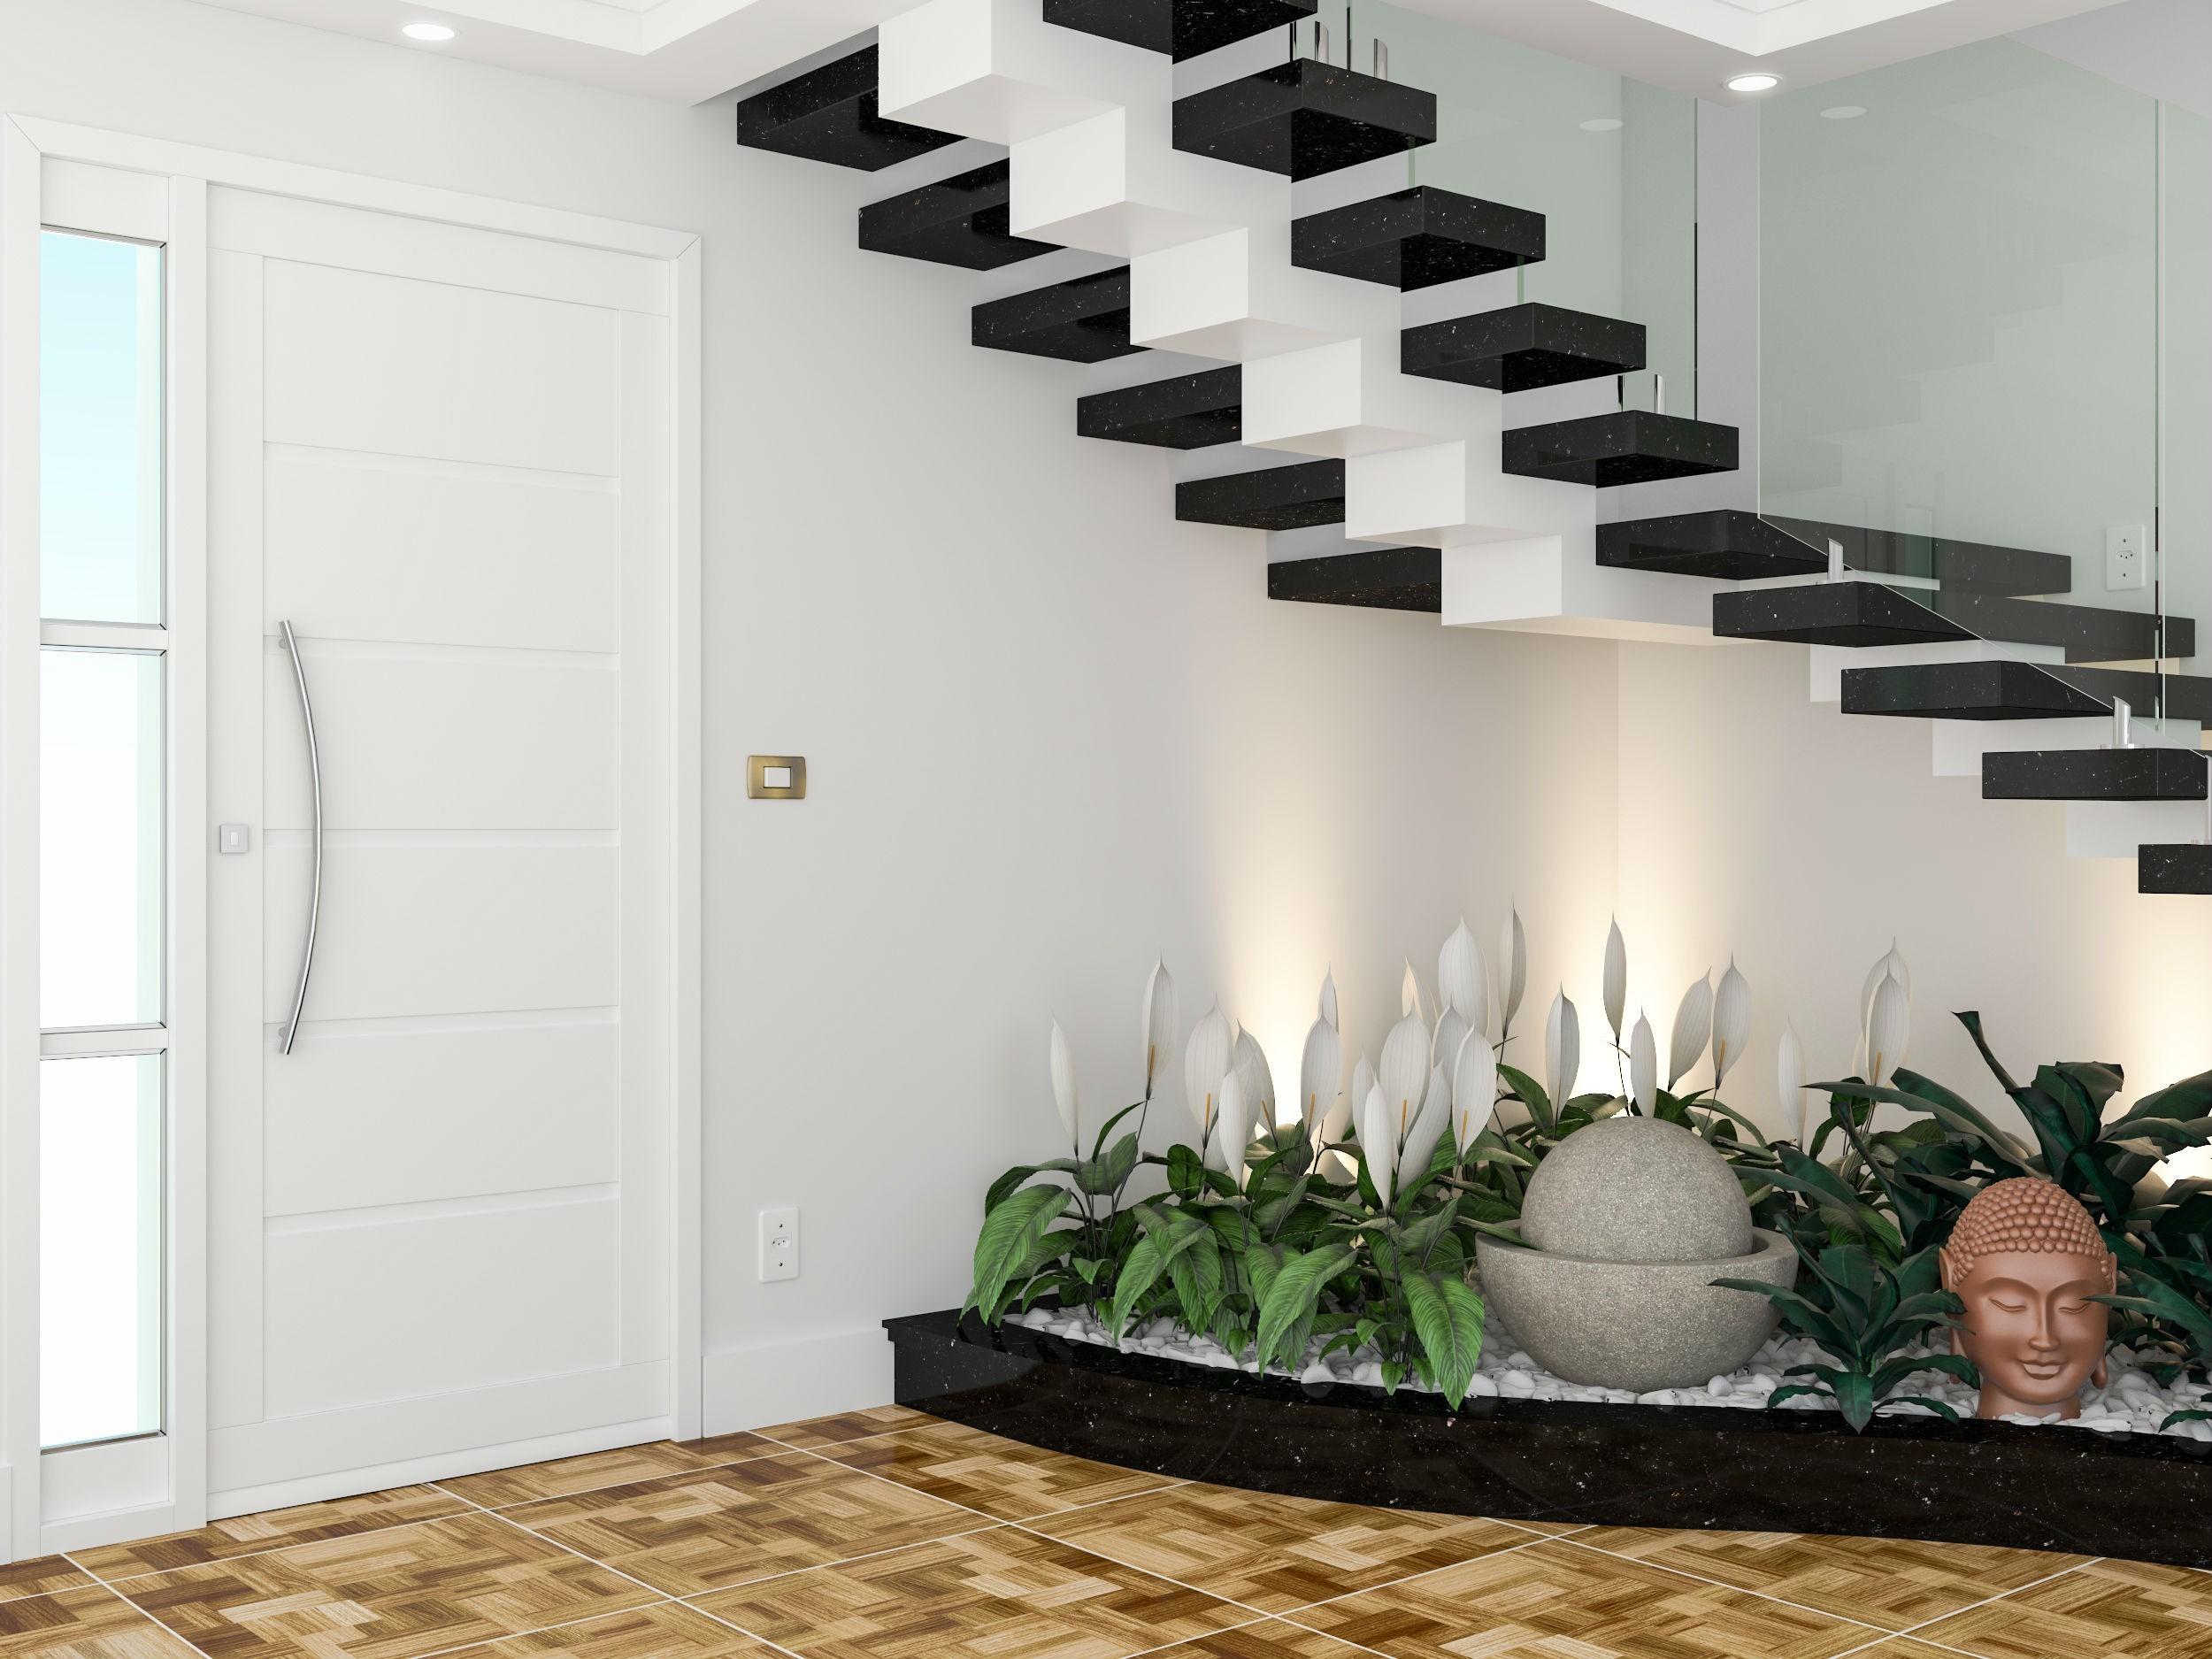 Über 60 Treppenhaus Ideen Für Die Optimale Nutzung Des